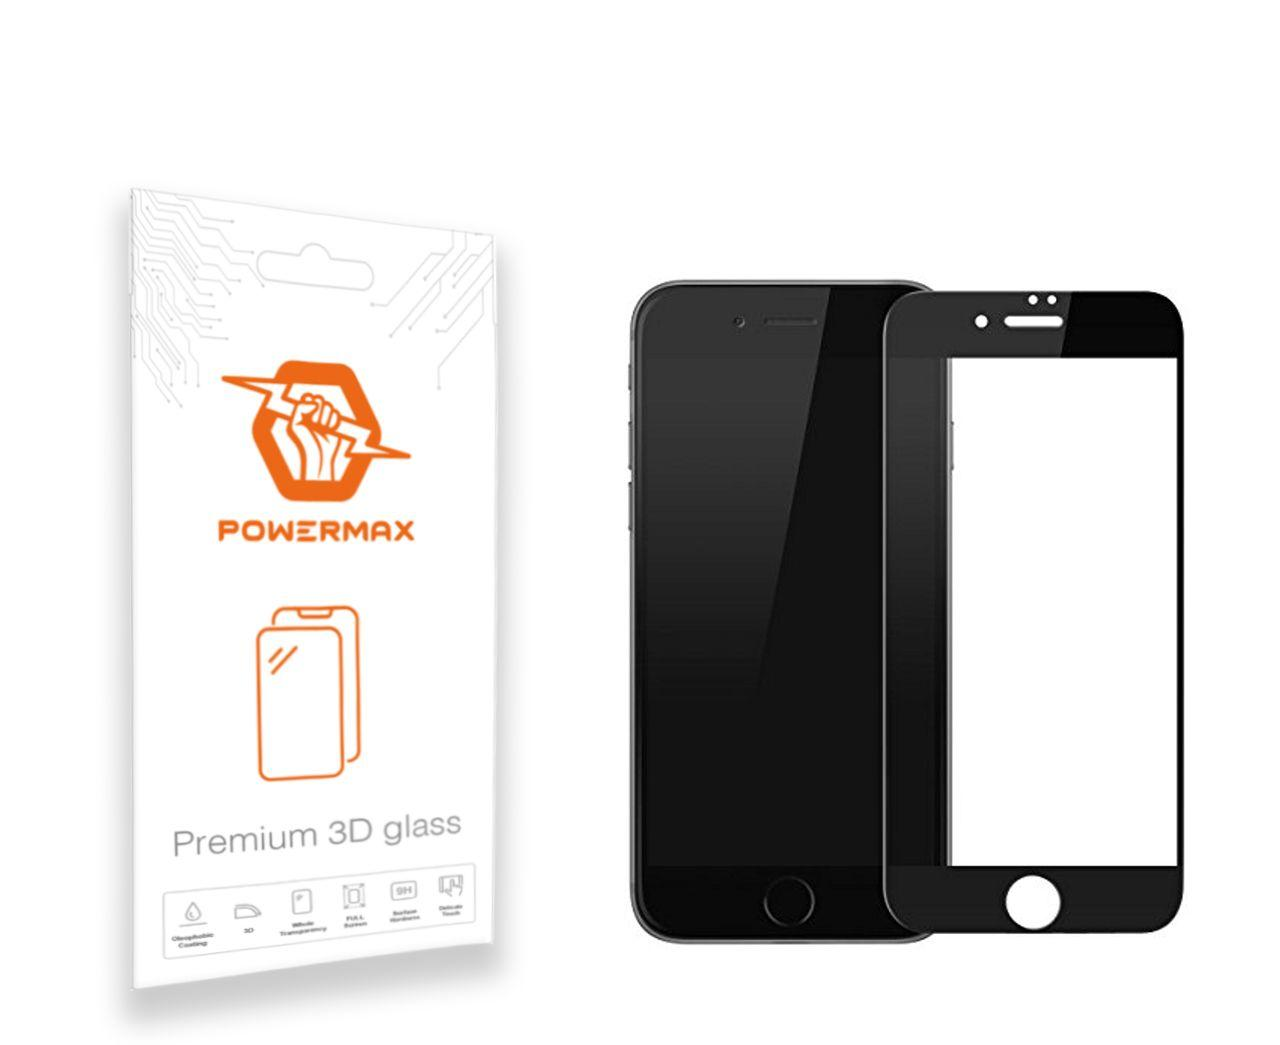 Захисне скло Powermax 3D Premium Apple iPhone 7 Plus, iPhone 8 Plus Black (PWRMX3DIPH7PB)